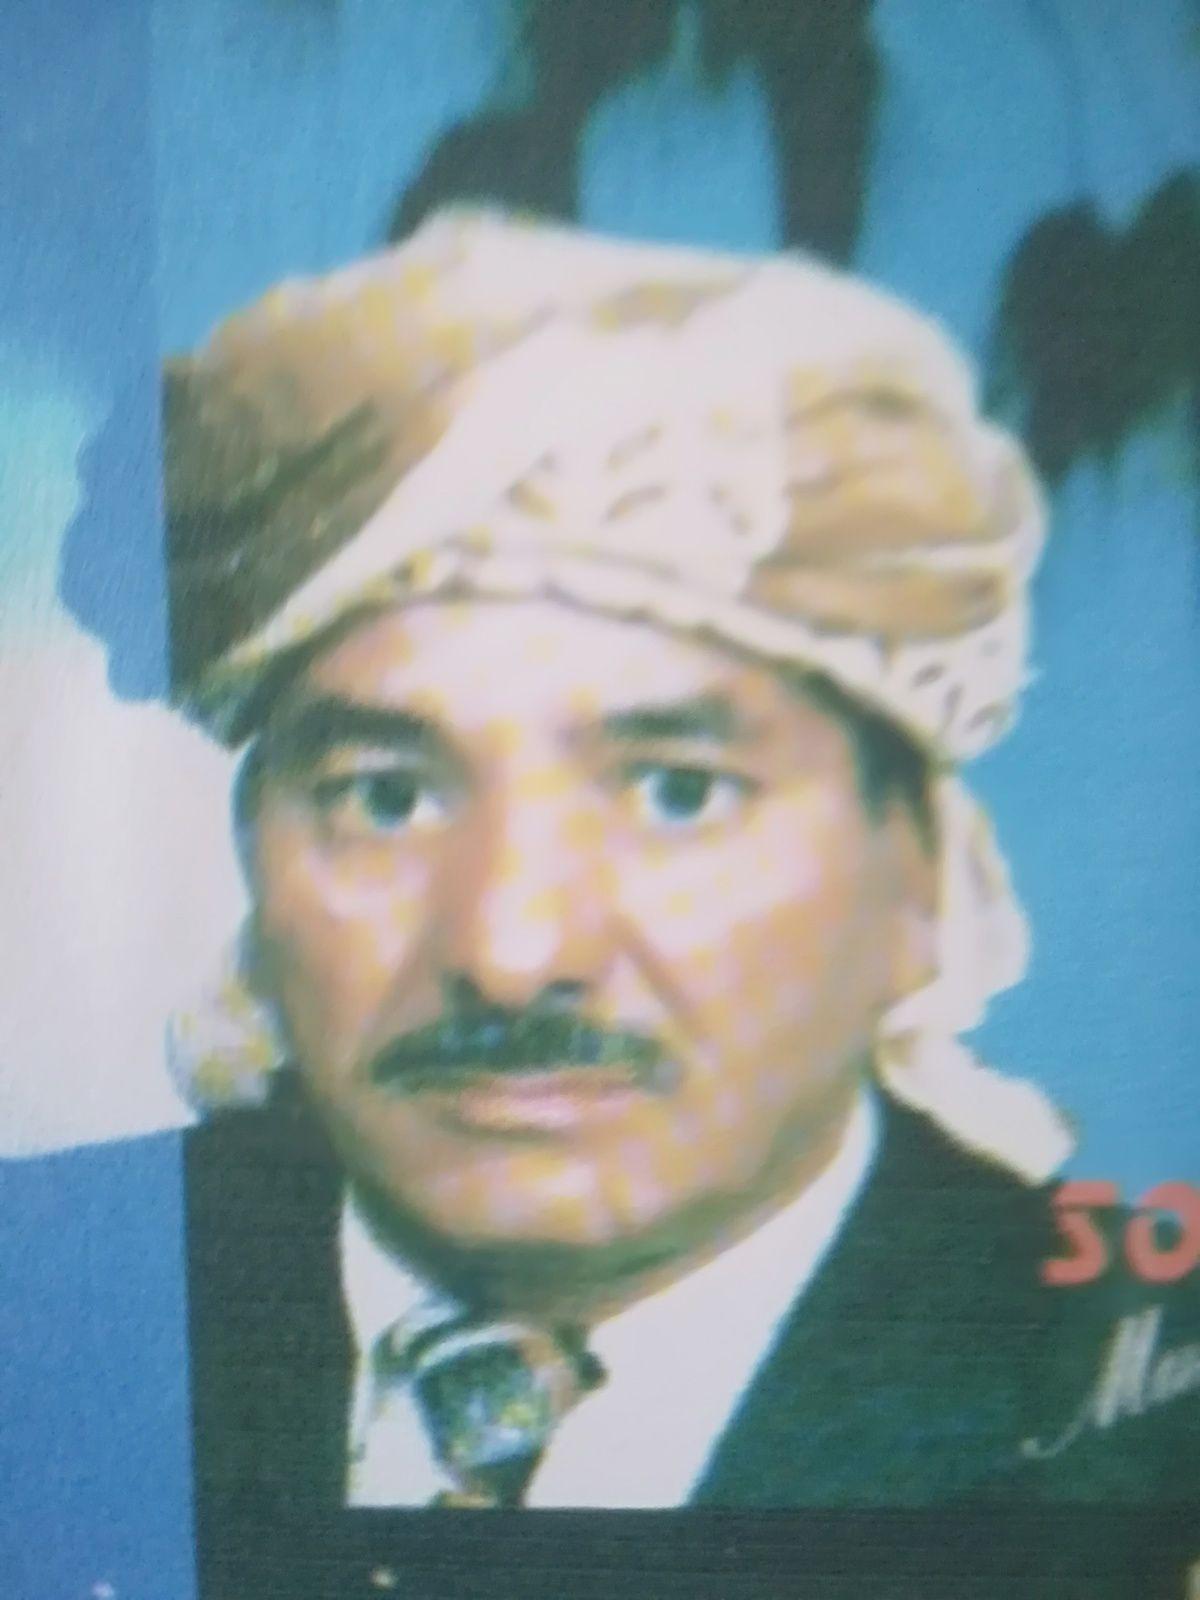 Quelques chansons à succès de Chikh Boualem Nouri  بعض الأغاني المختارة للمطرب الشيخ بوعلام النوري